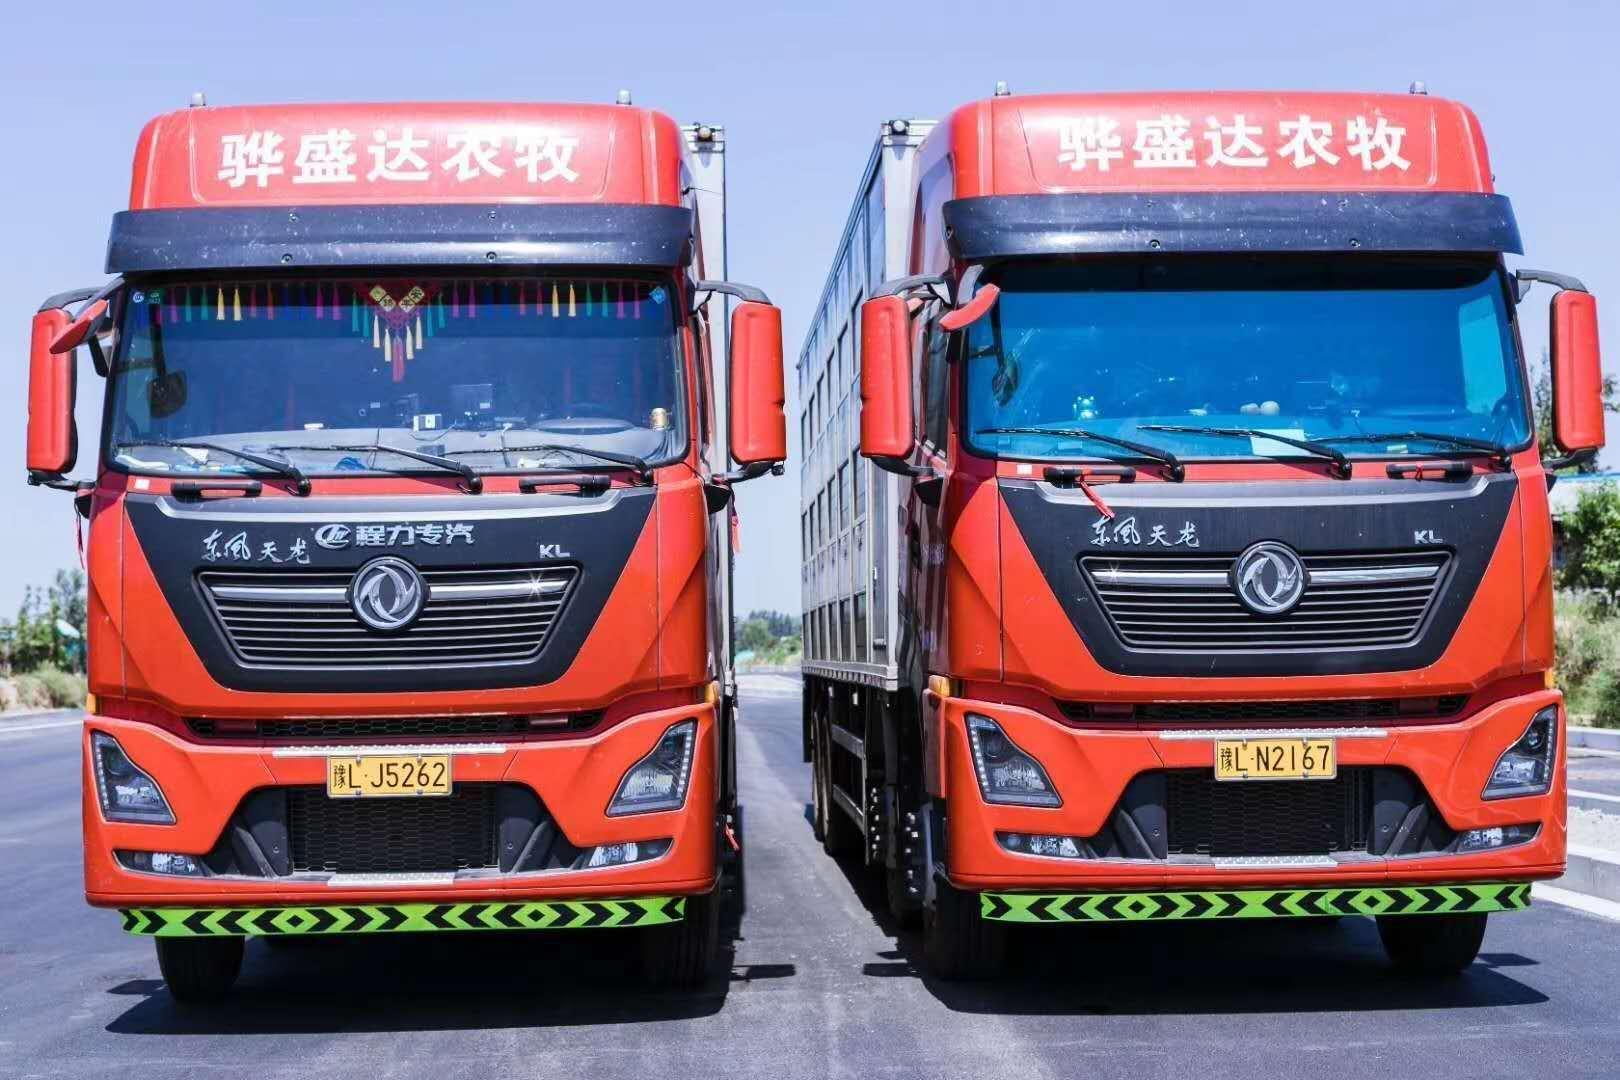 东风天龙9.6米恒温拉猪车厂家直销,火热促销中。图片